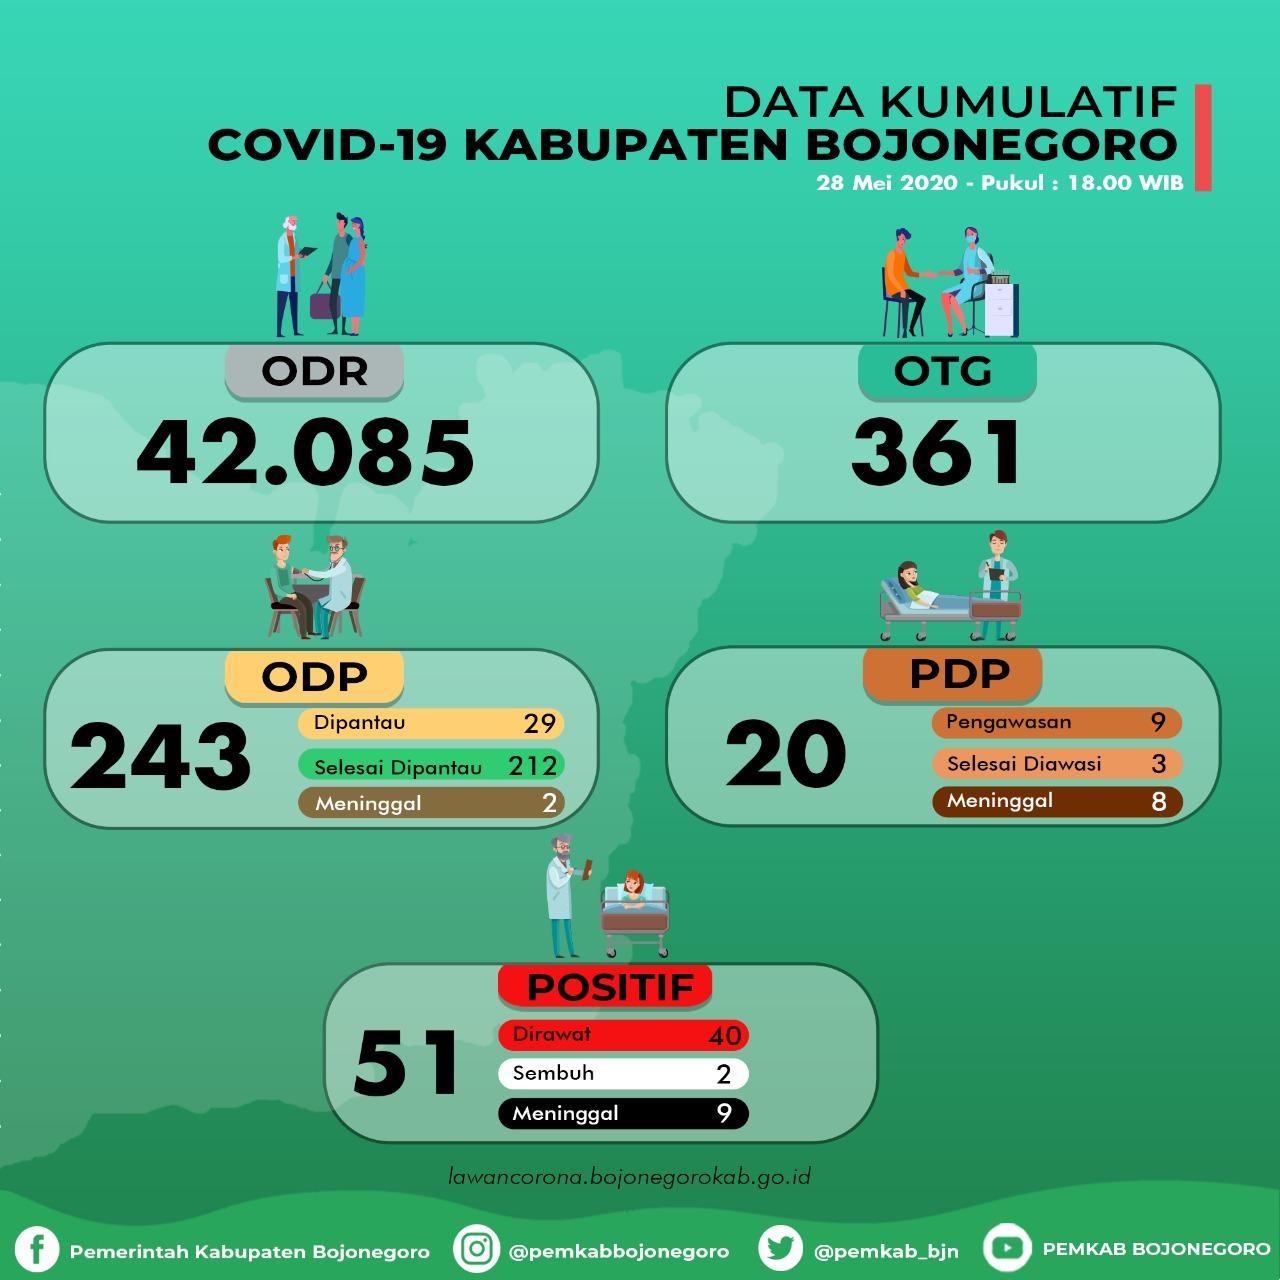 Tambah 1 Lagi di Kota, Kumulatif 51 Orang Positif Covid-19 di Bojonegoro